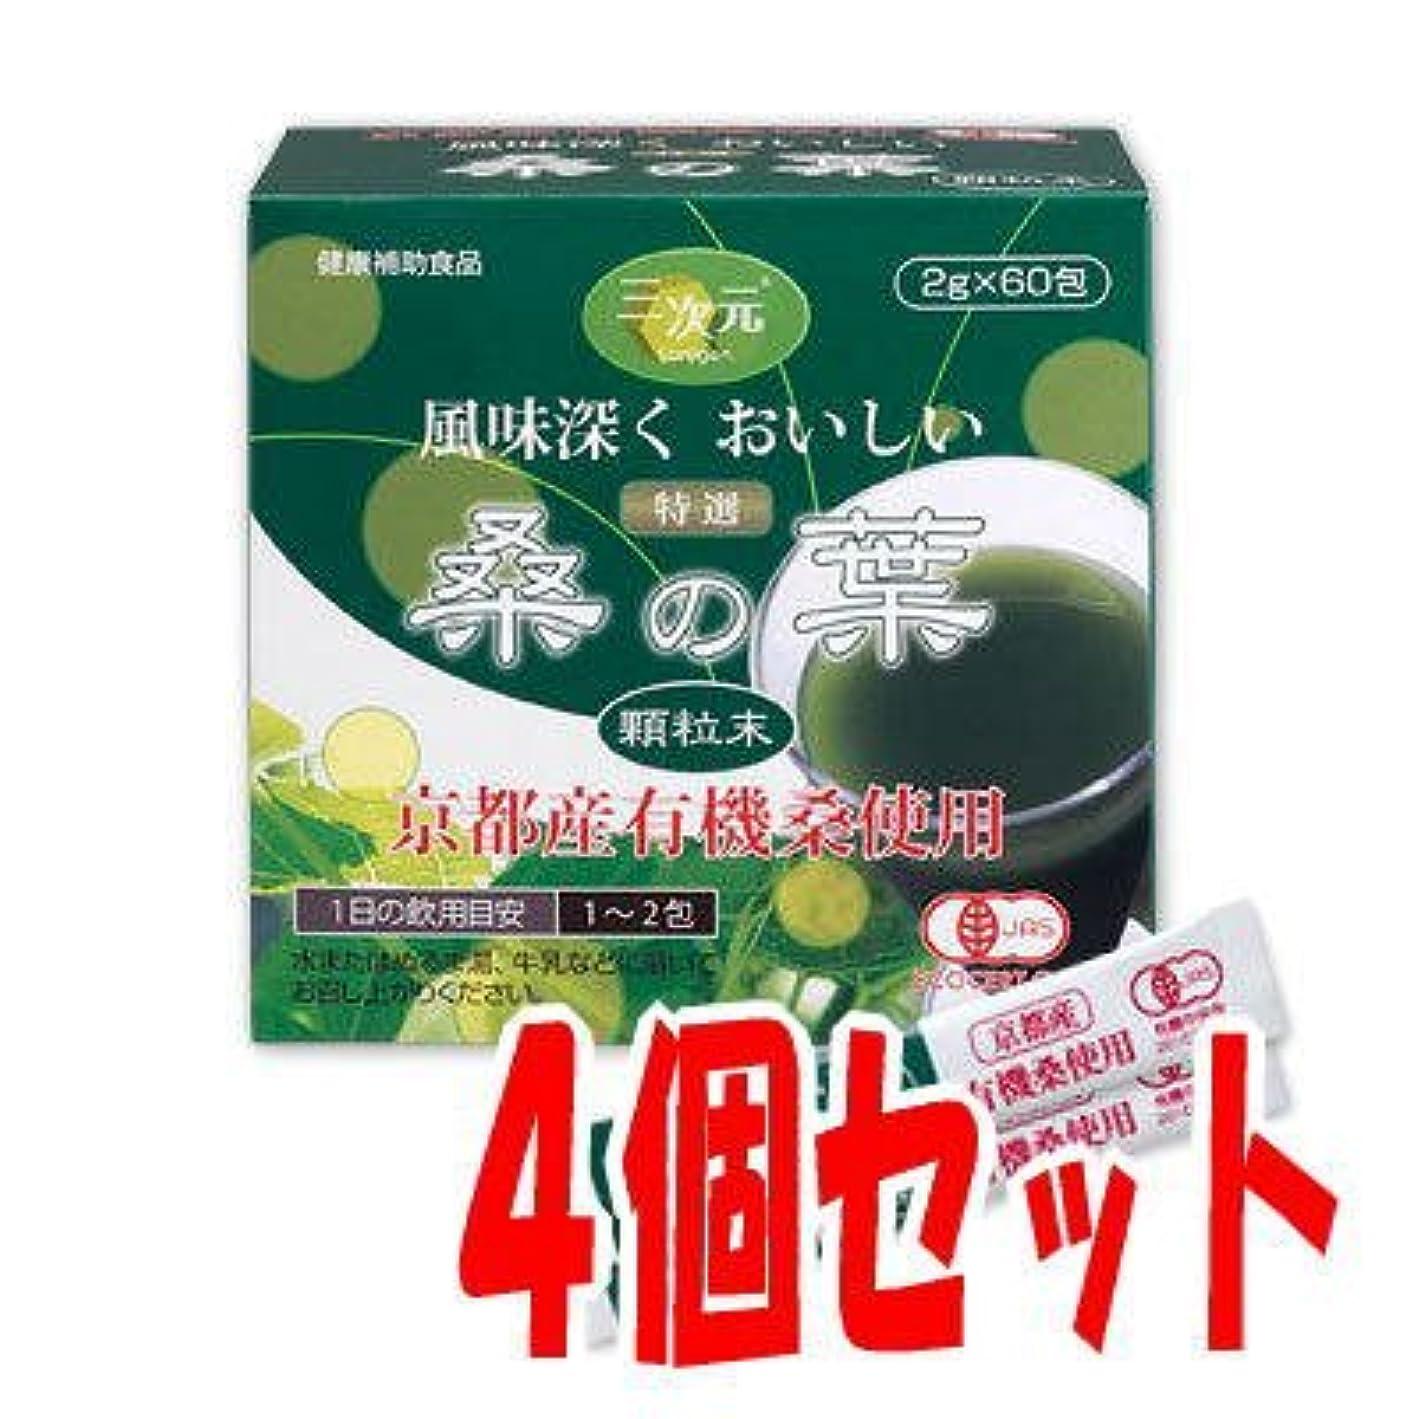 ベルベット提出するスパーク特選「桑の葉」顆粒末1箱60包入×4箱セット 国産(京都産)有機桑使用 苦くなく風味深くおいしい青汁